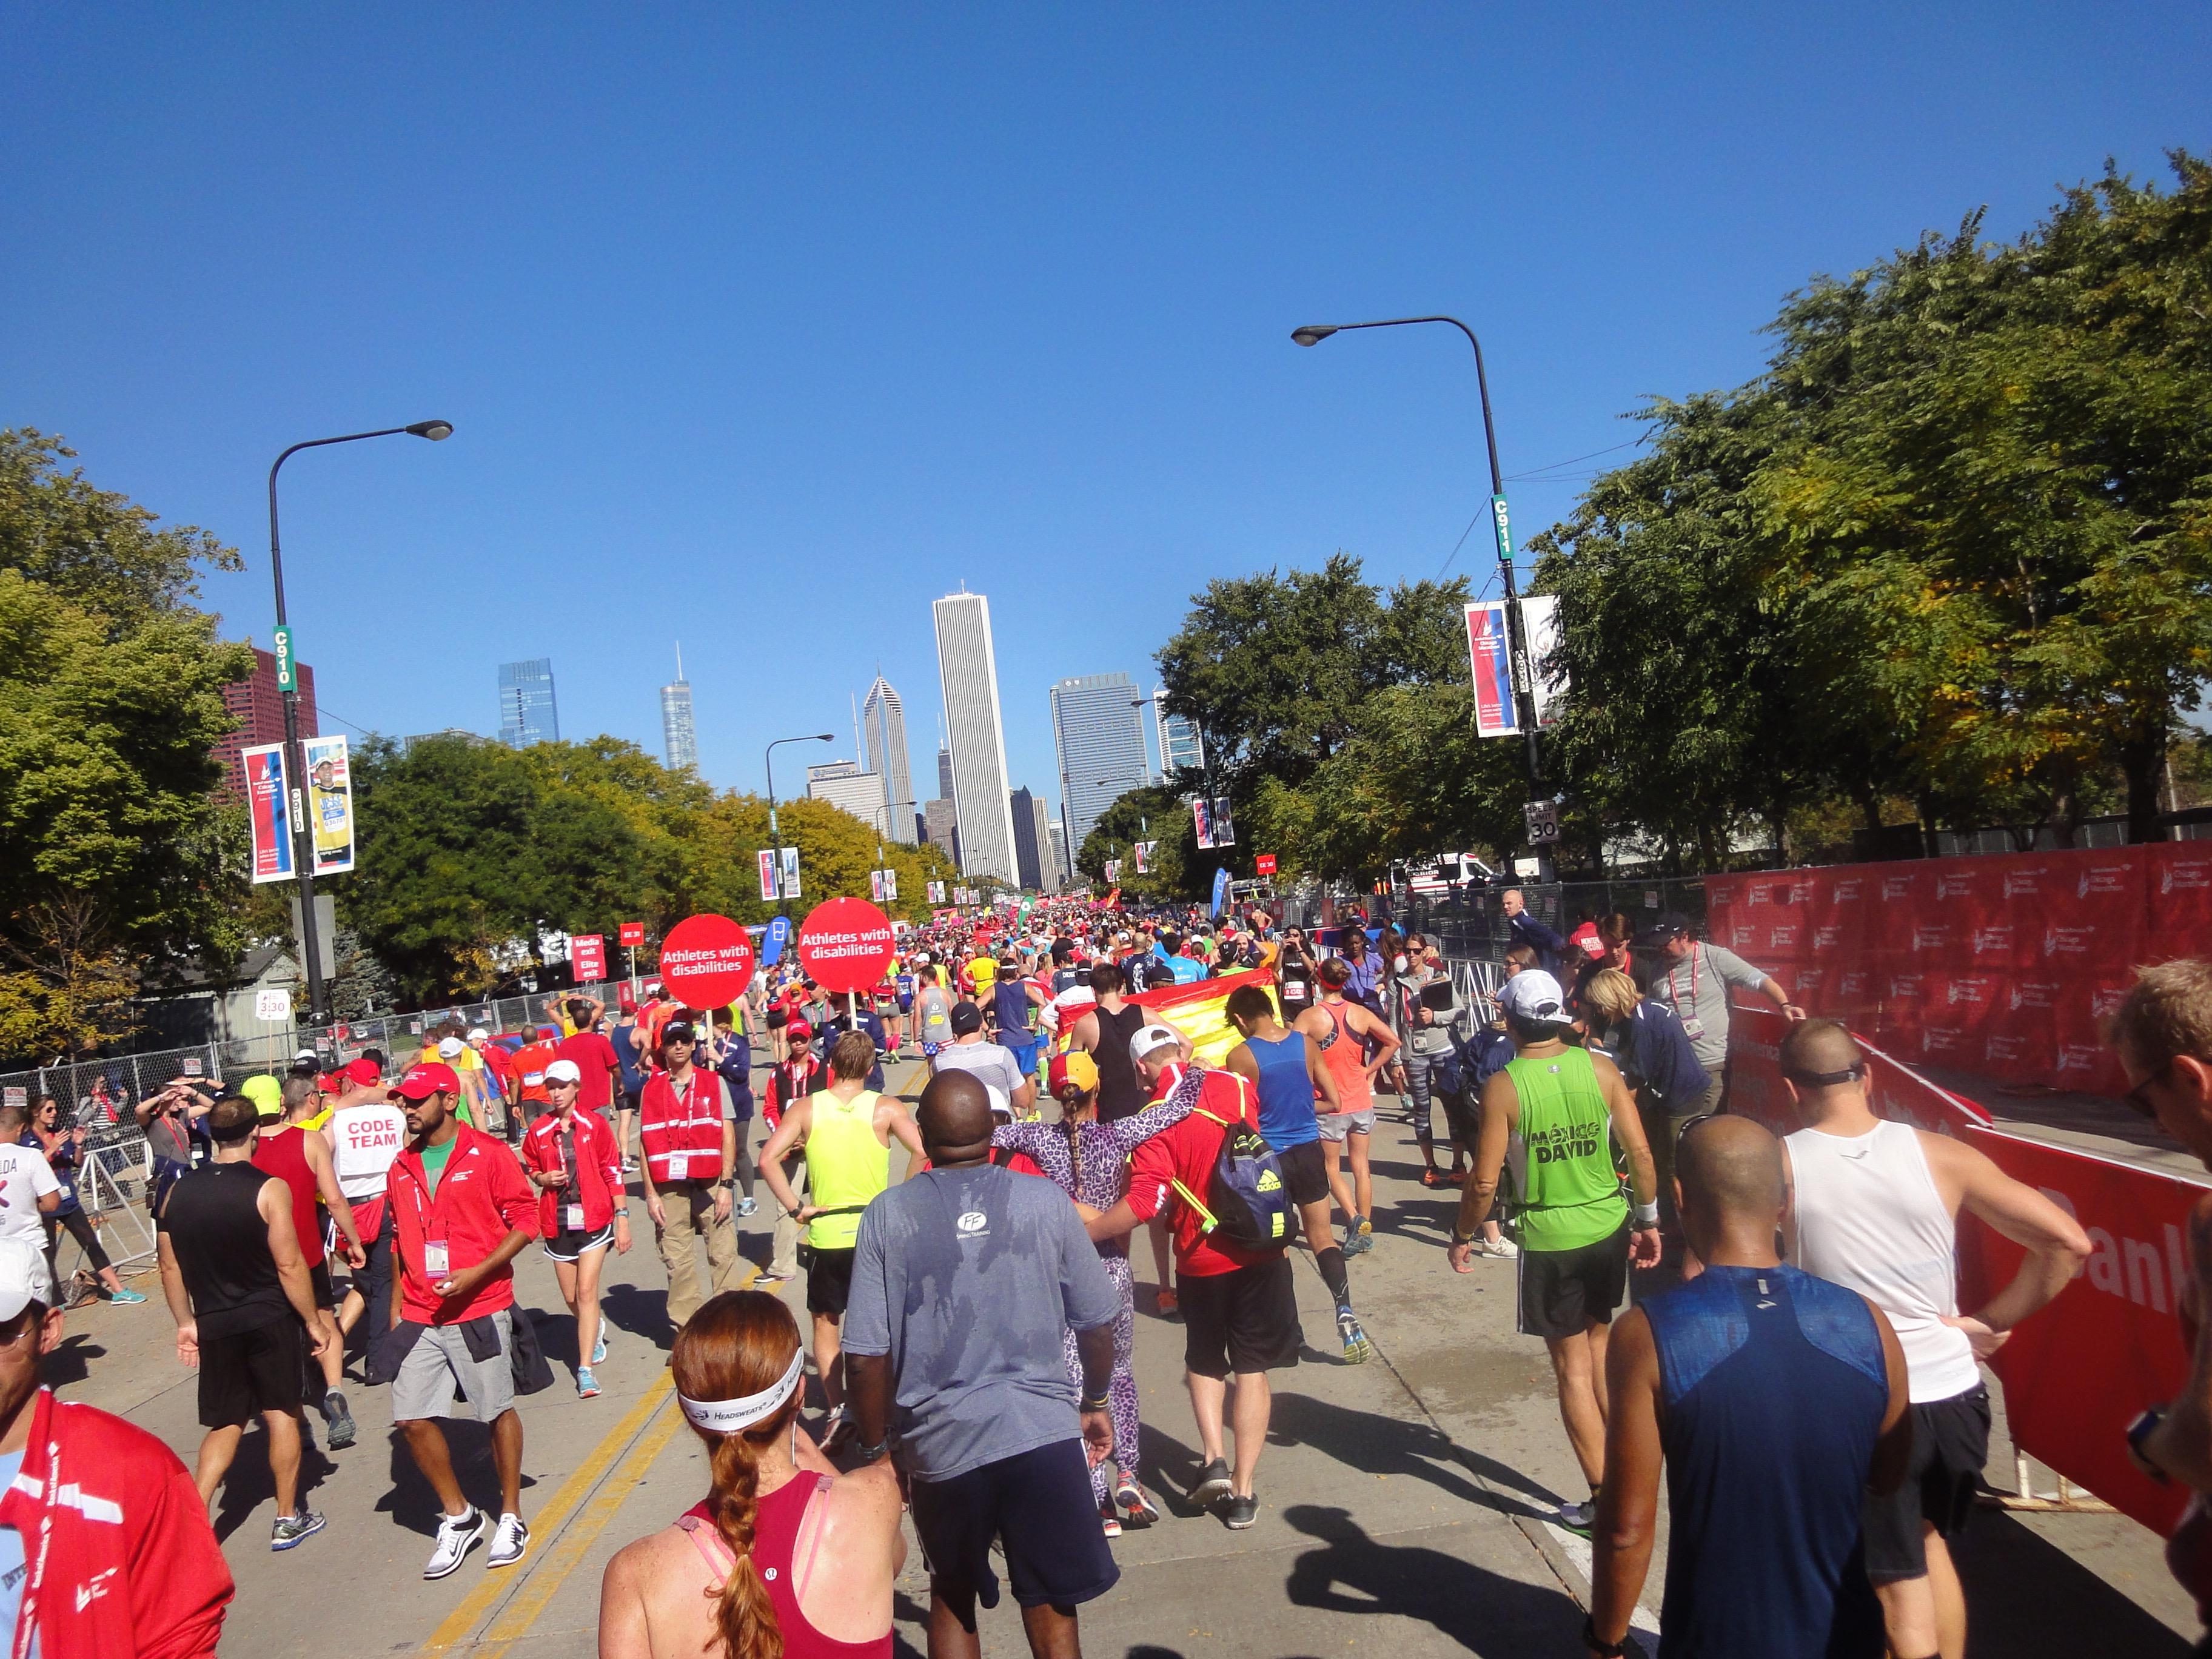 Zielbereich Chicago Marathon